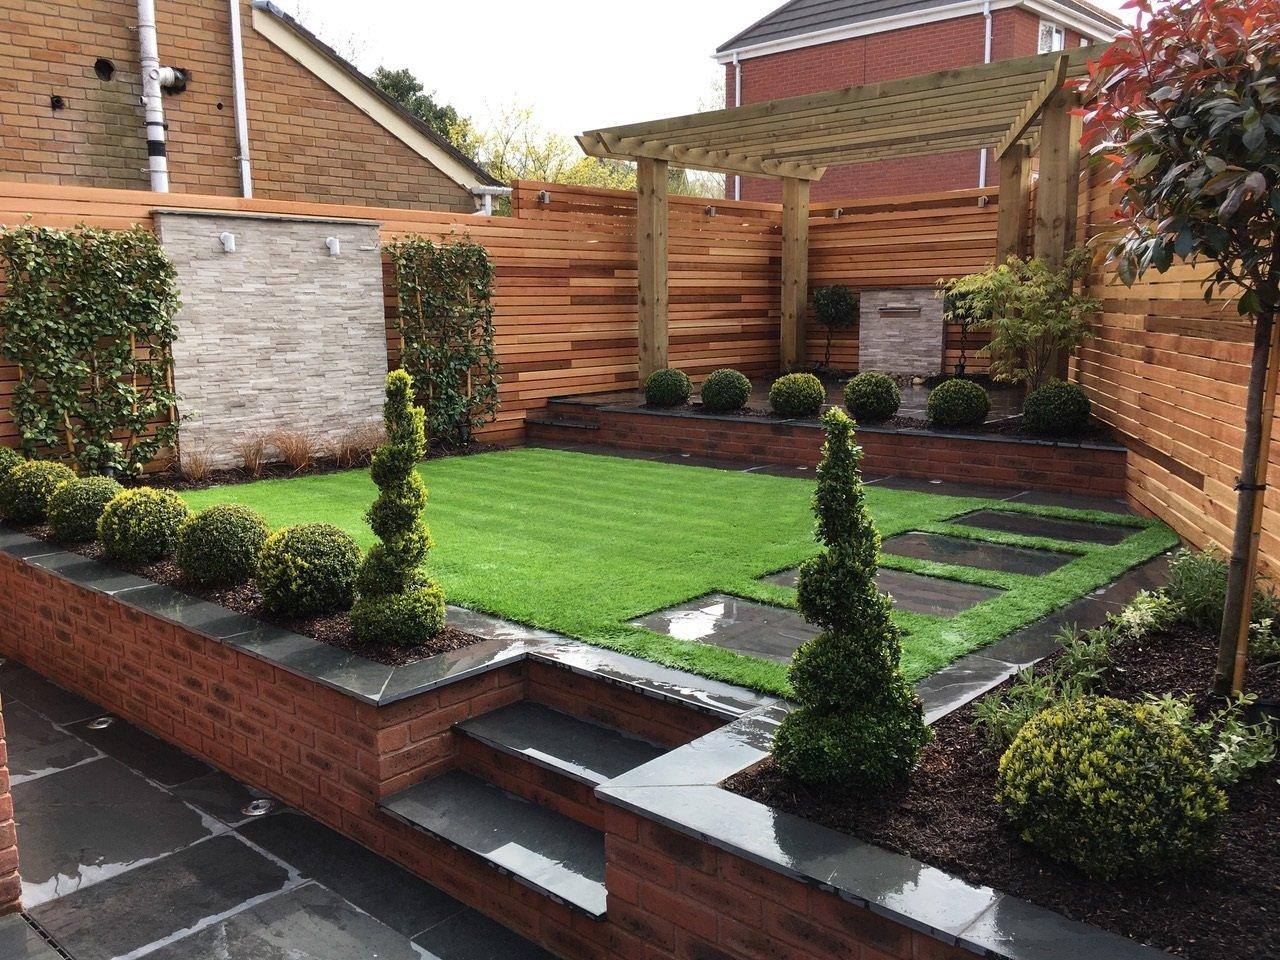 three-tiered garden